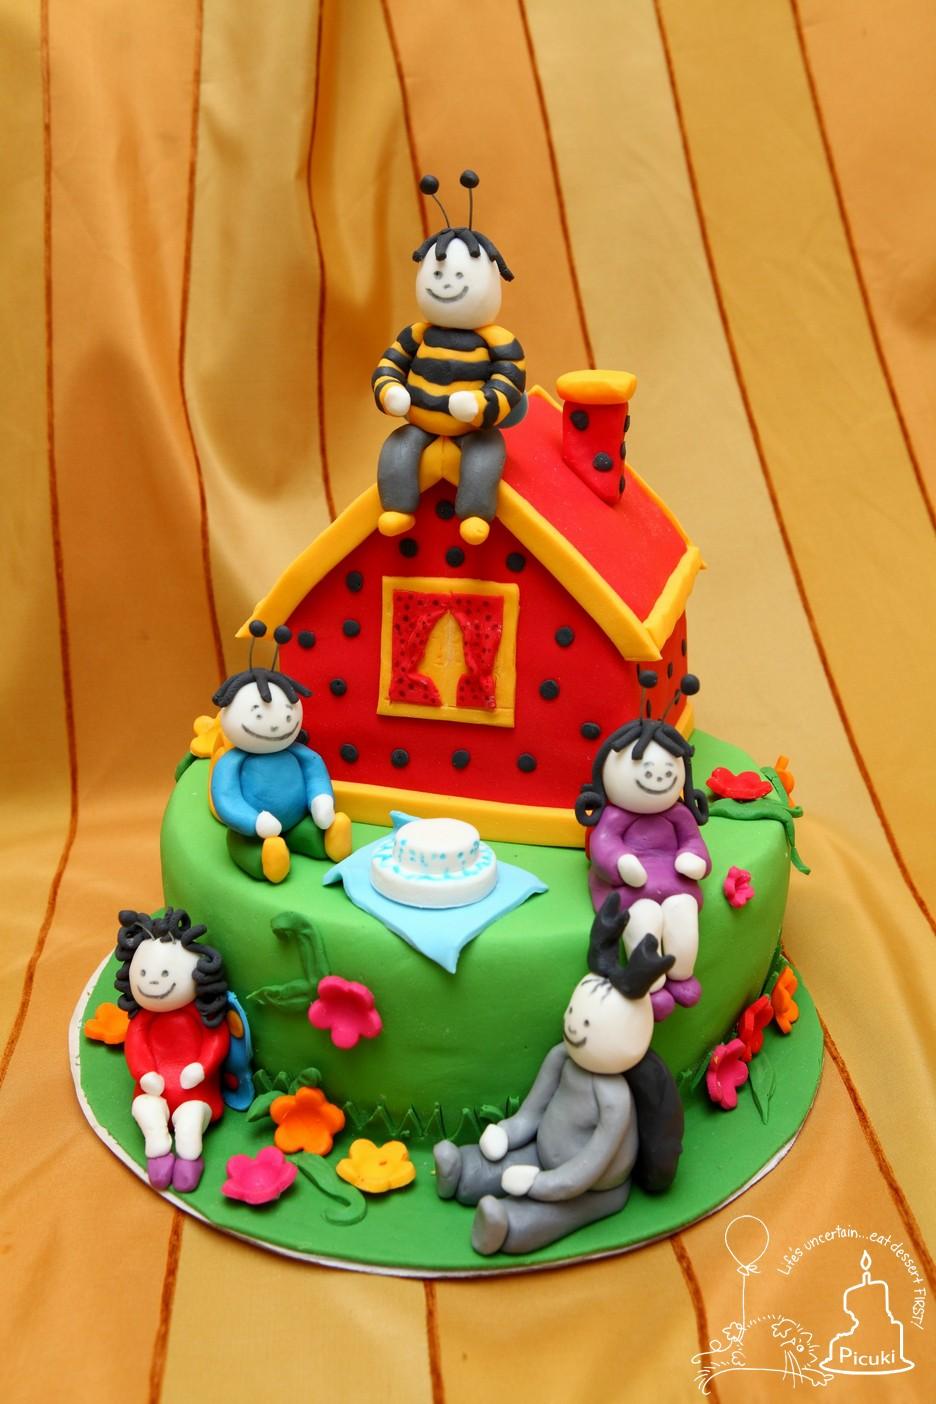 bogyó és babóca torta képek Picuki: Bogyó és Babóca torta II. bogyó és babóca torta képek